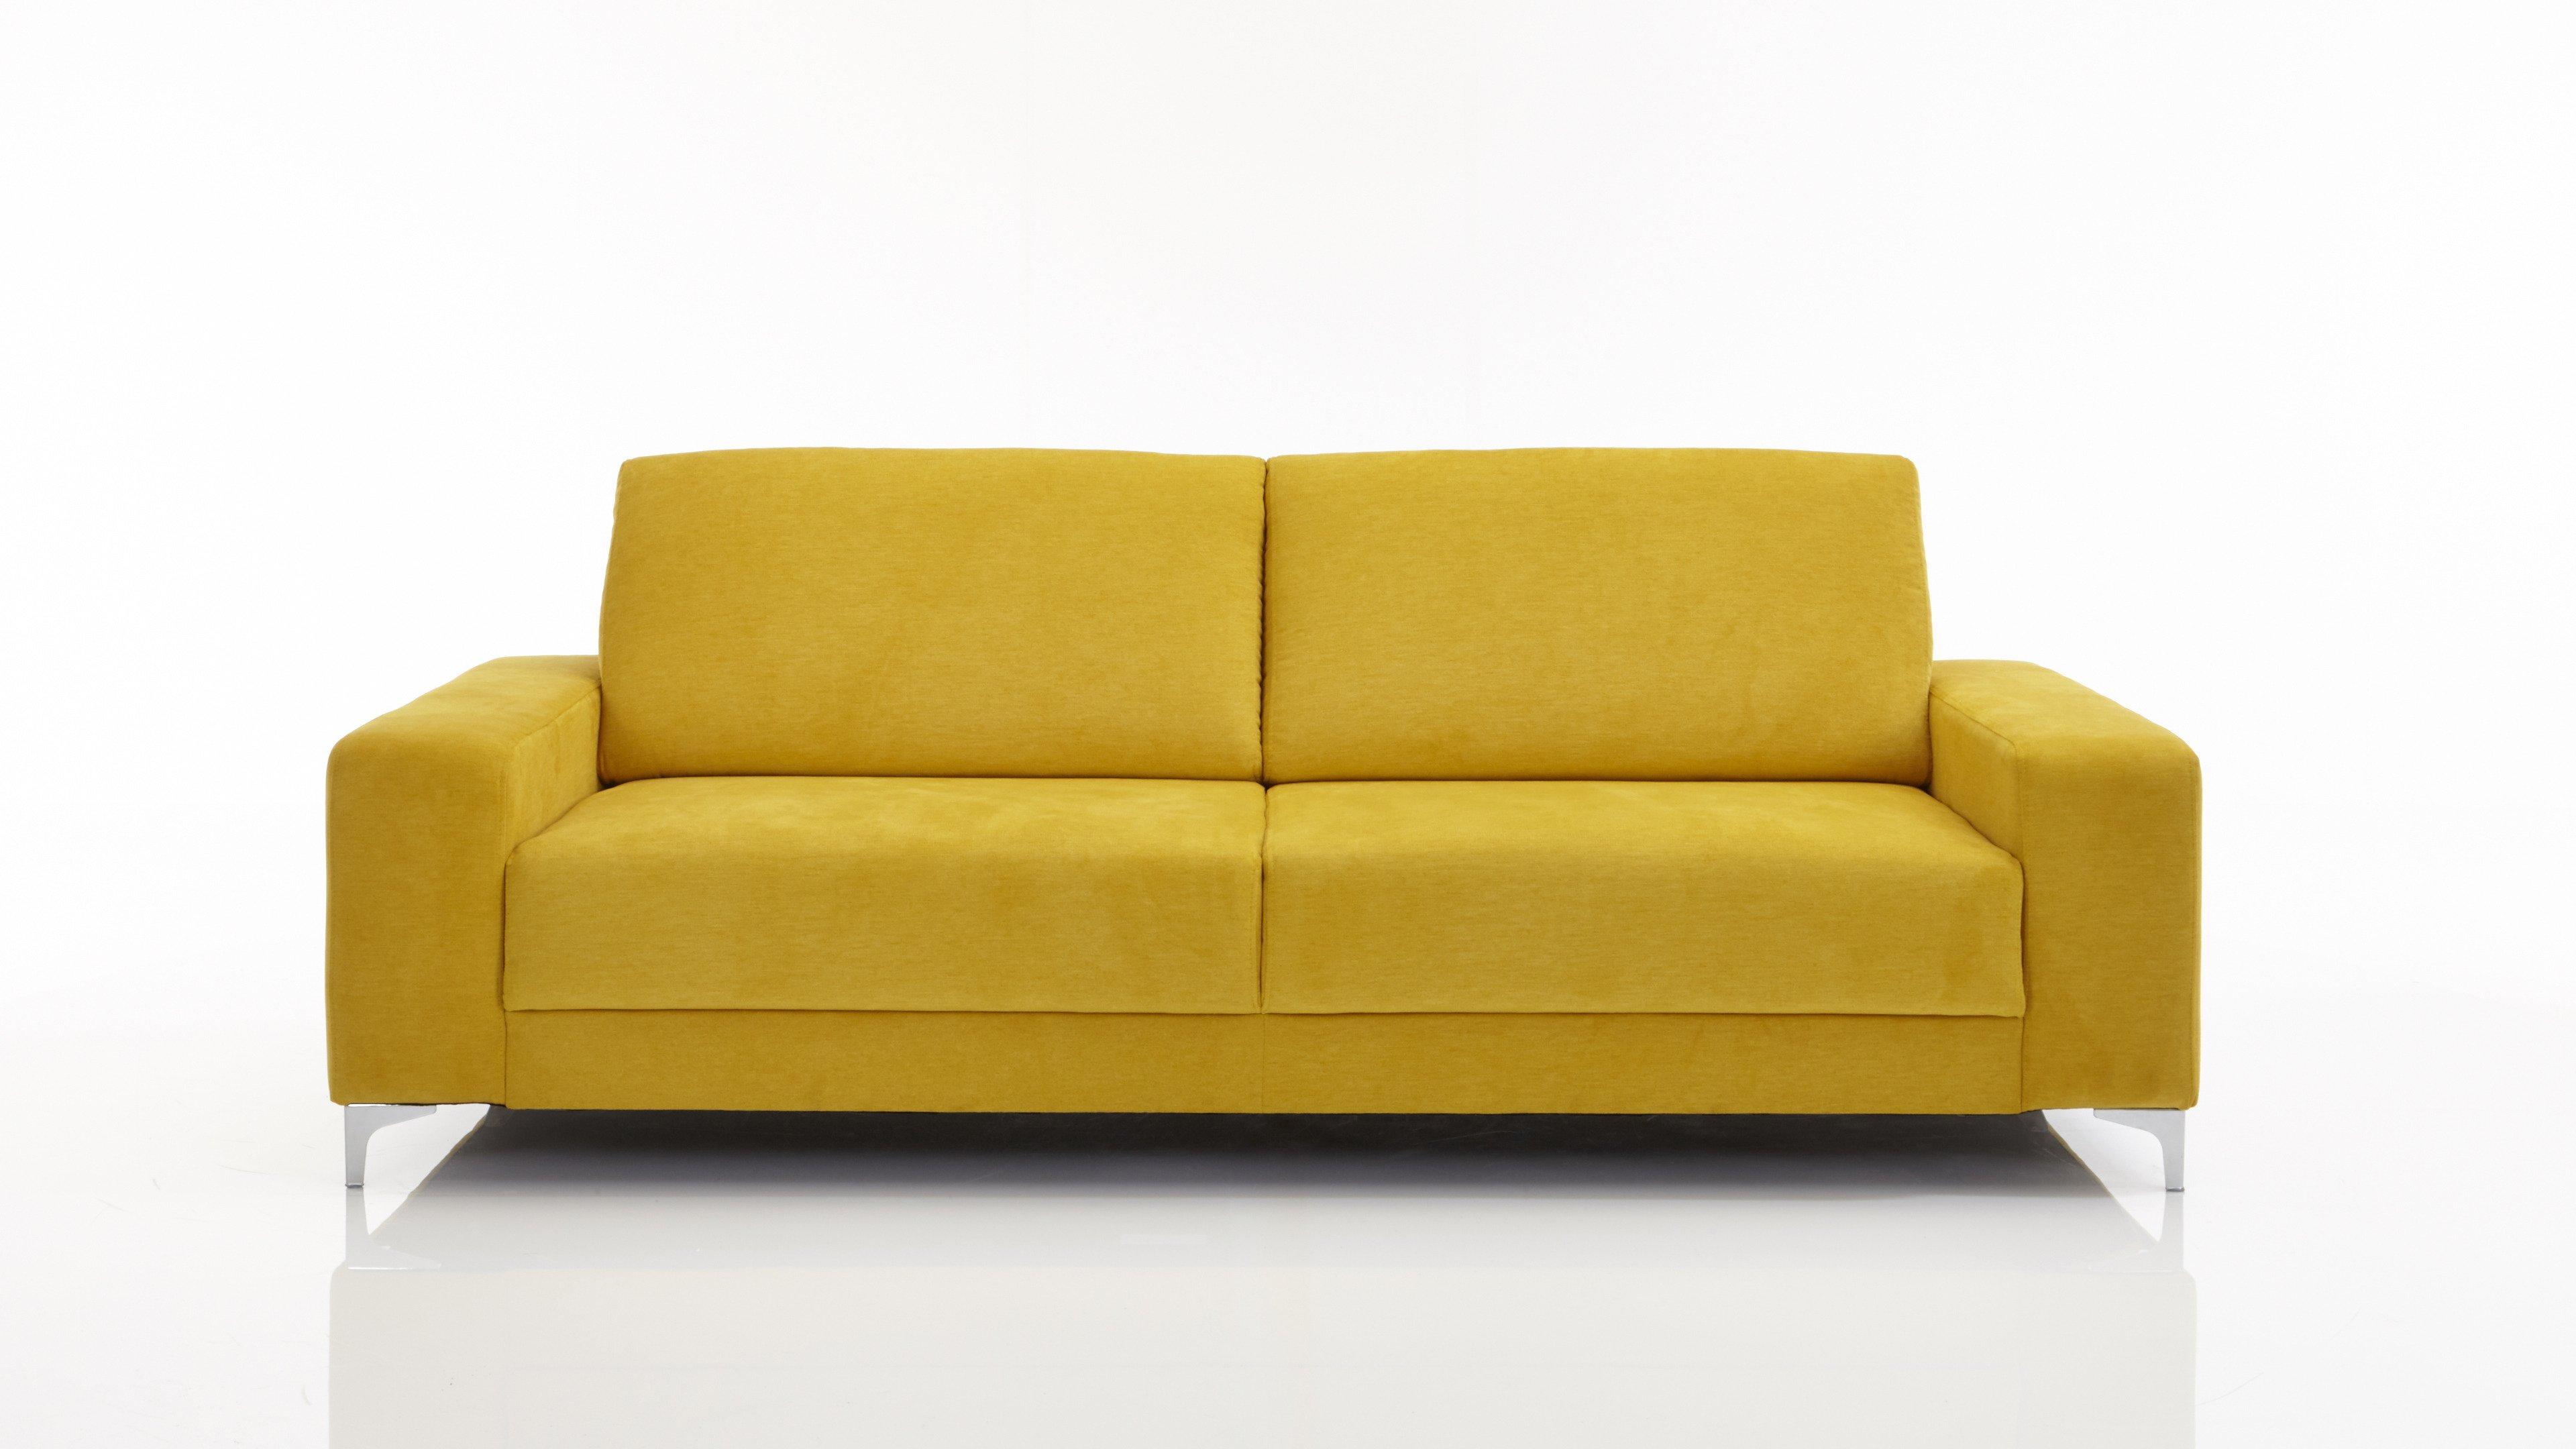 25-Sitzer U-Ecke Gelb Mustardfarbener Bezug Imperio 401 & Chromfüße